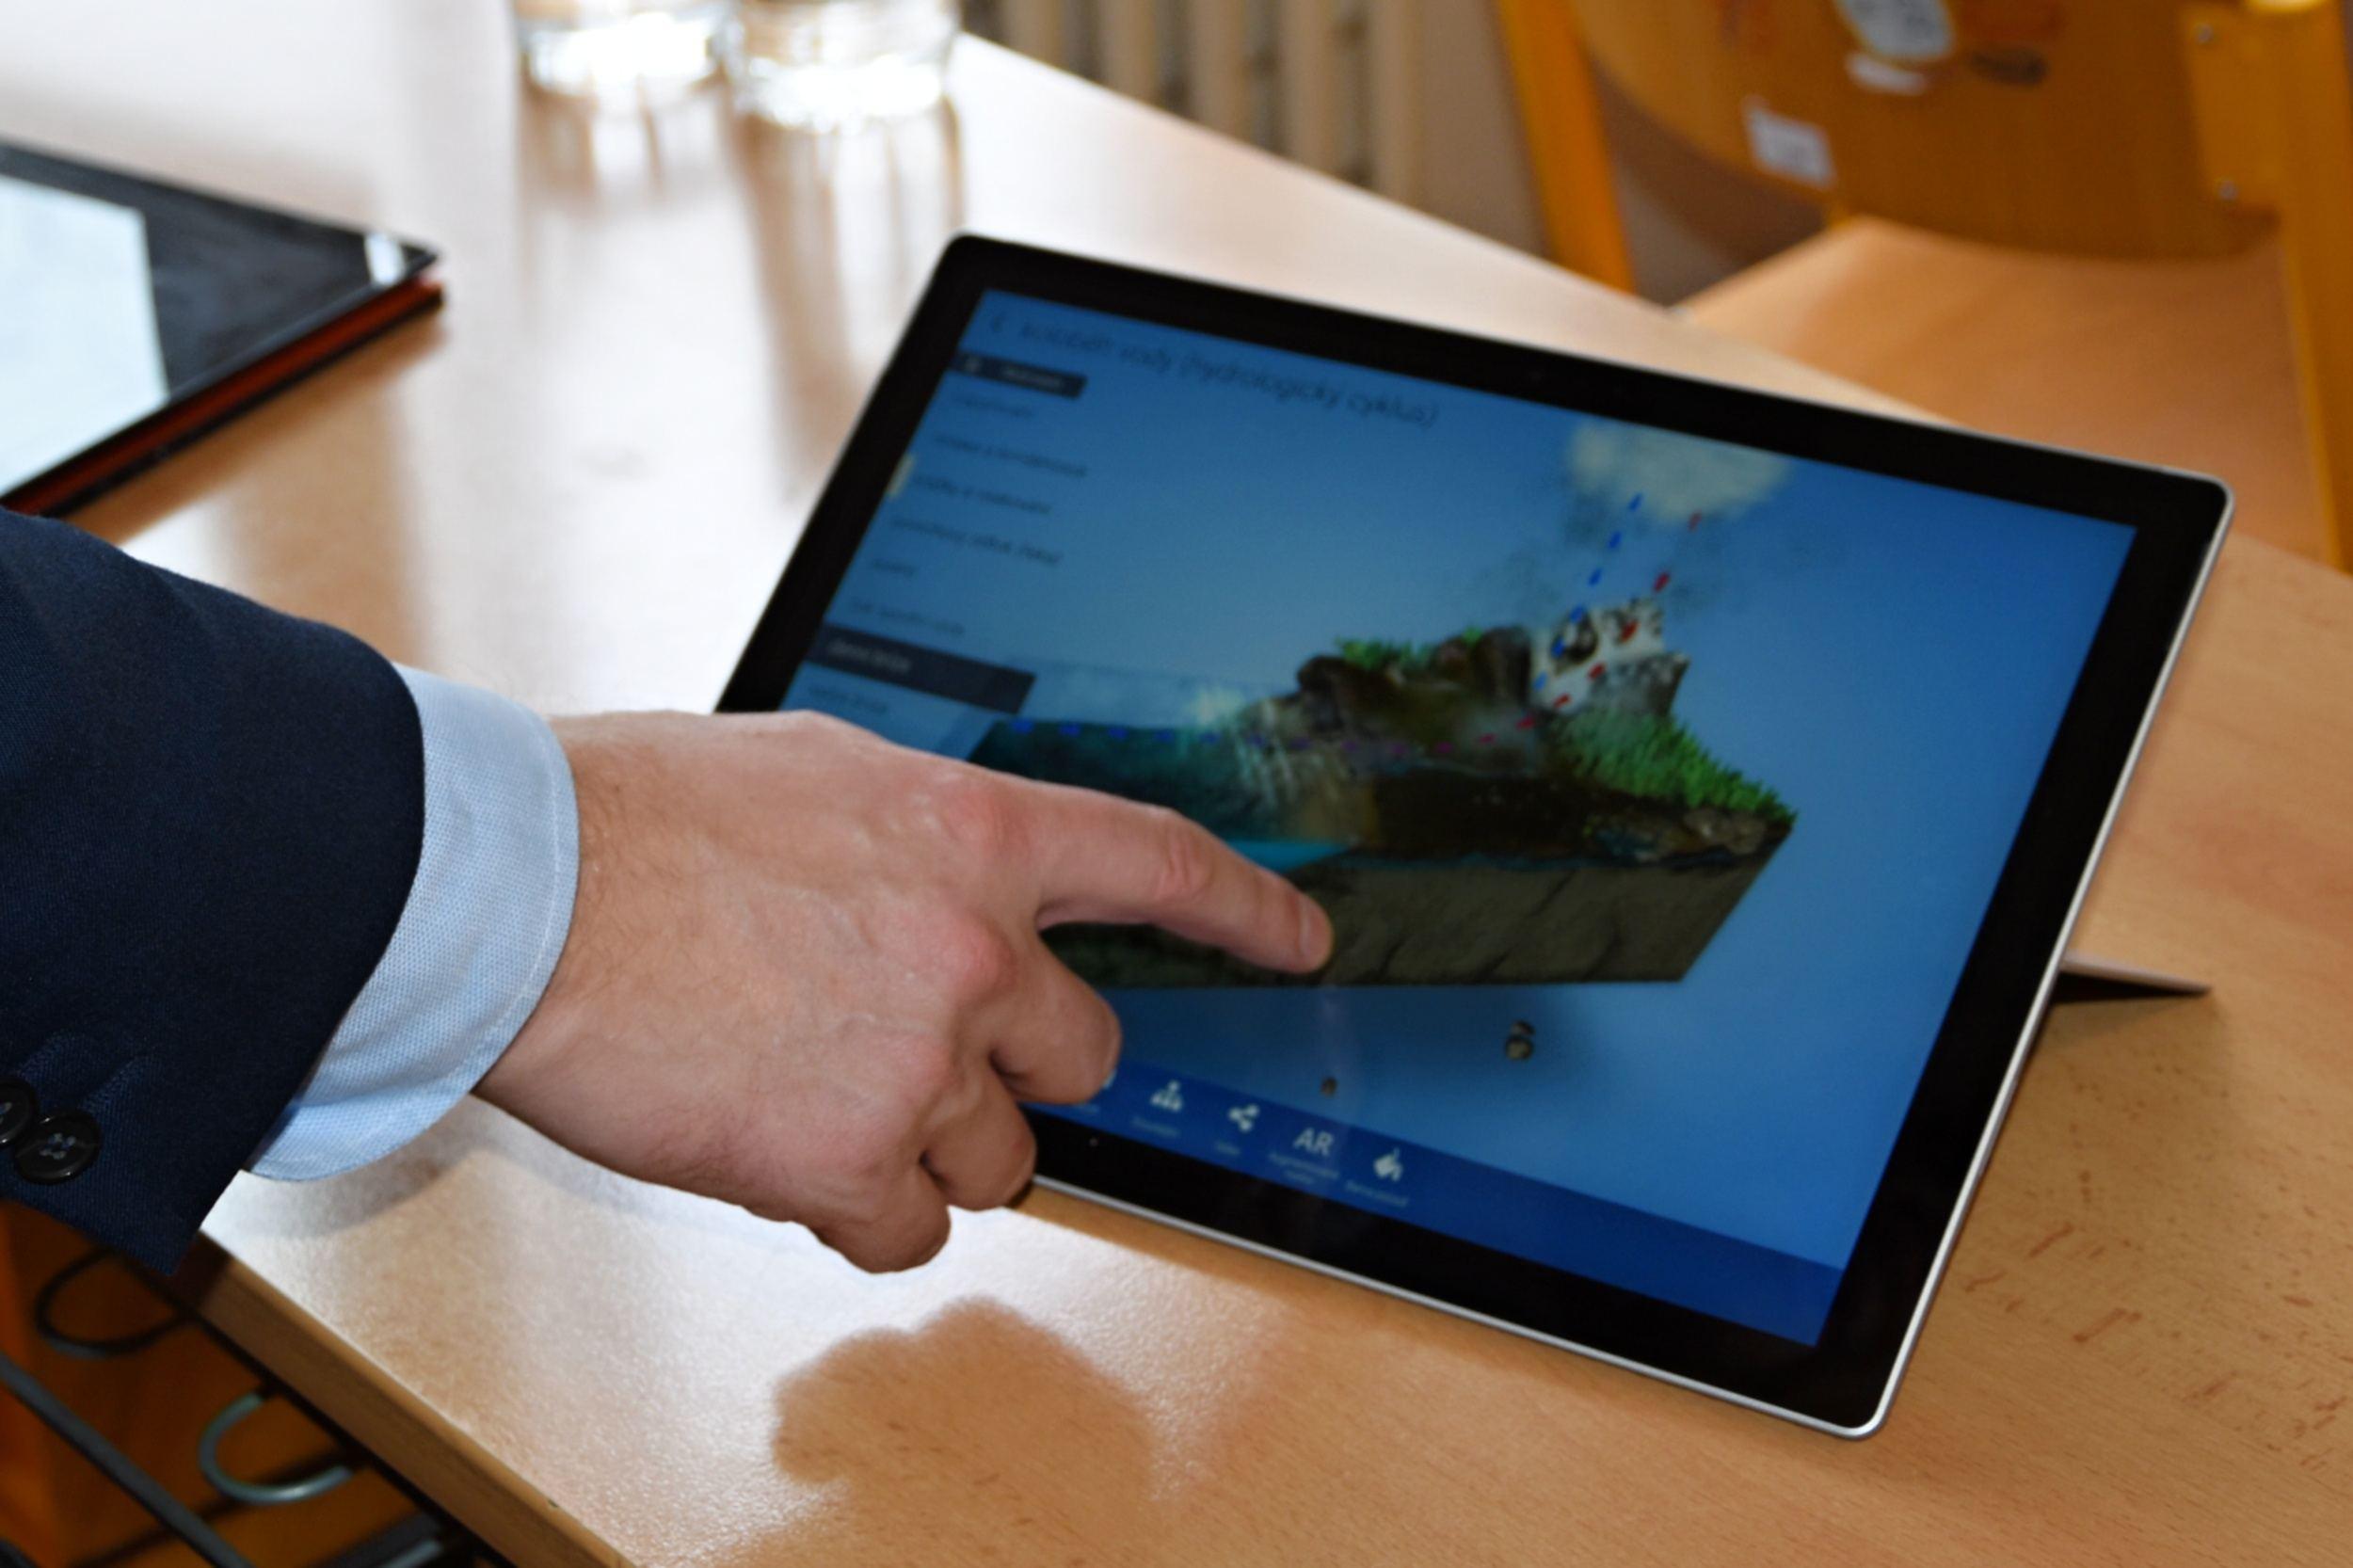 Kraj otevřel první učebnu pro digitální vzdělávání v Královéhradeckém kraji